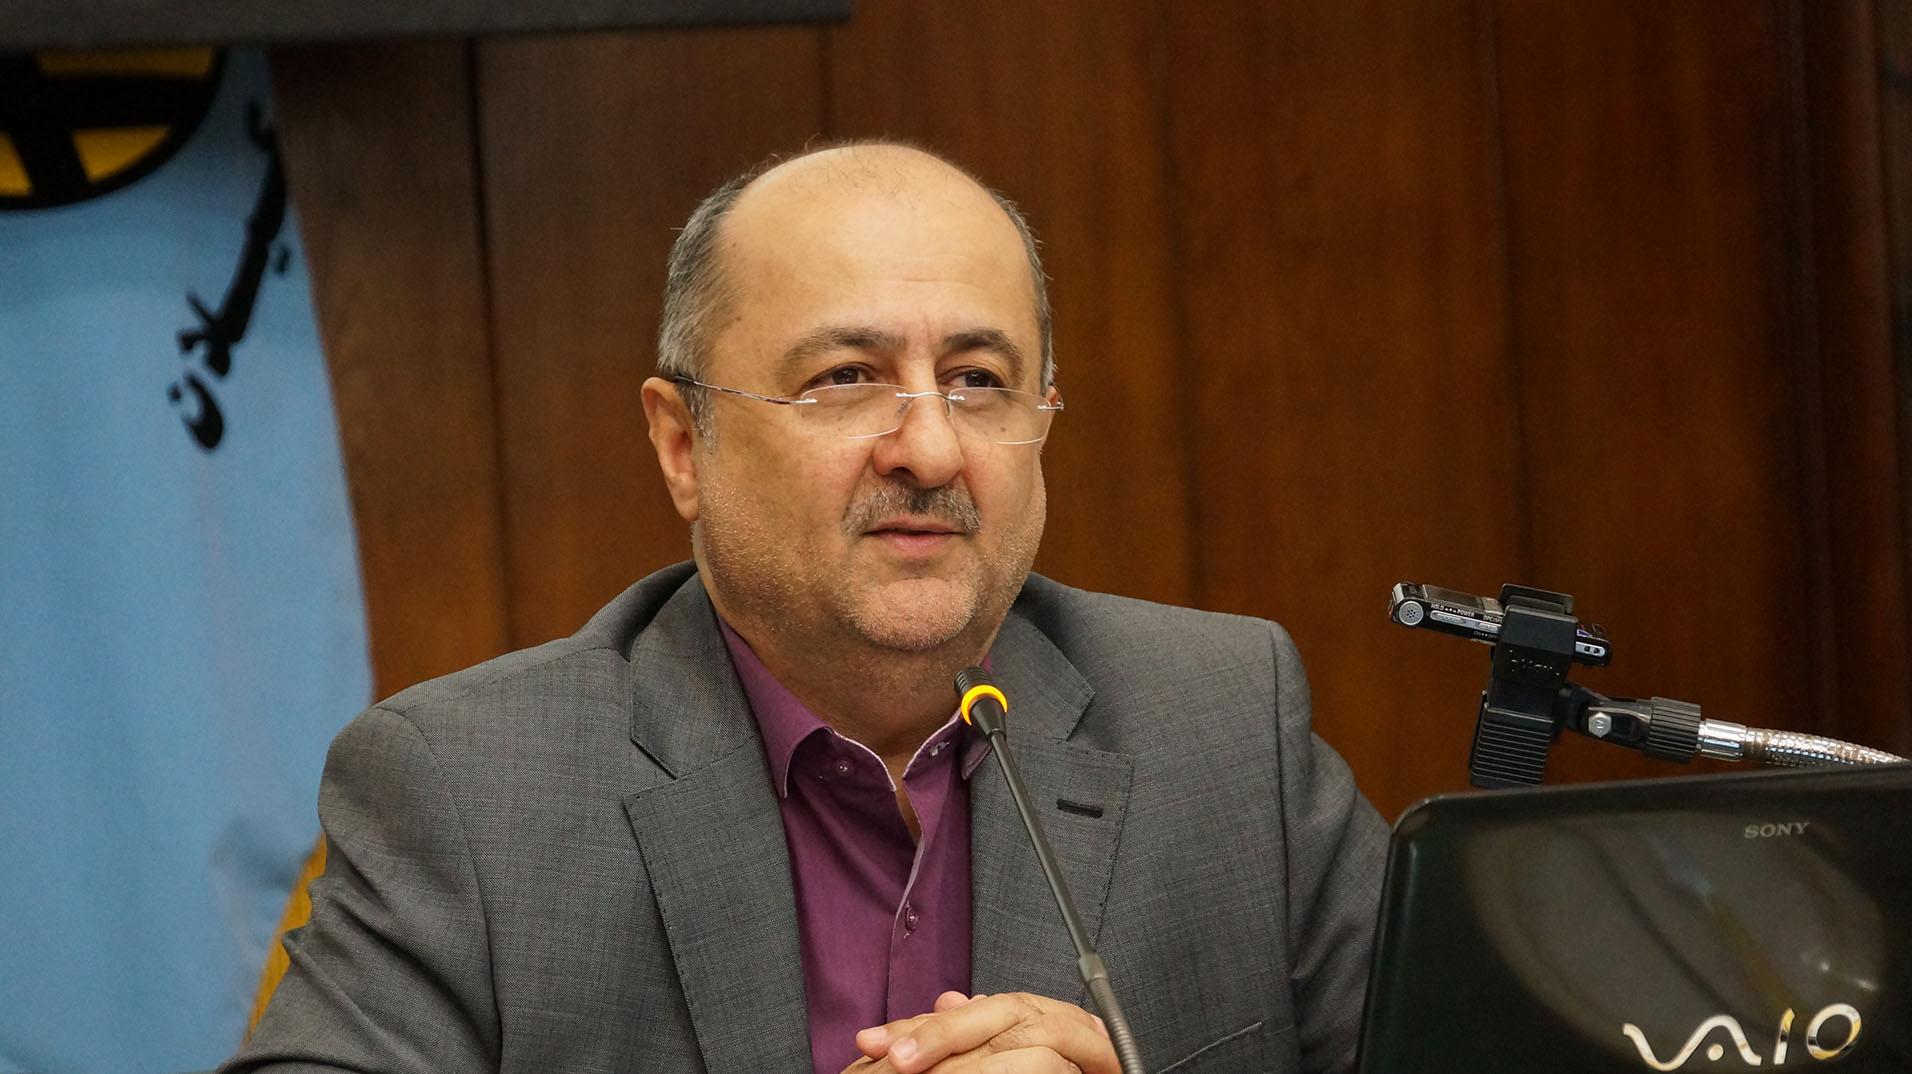 مدیر عامل شرکت سهامی برق منطقه ای گیلان:  بارگیری بیش از ۷۰ درصدی نیمی از پستهای انتقال برق